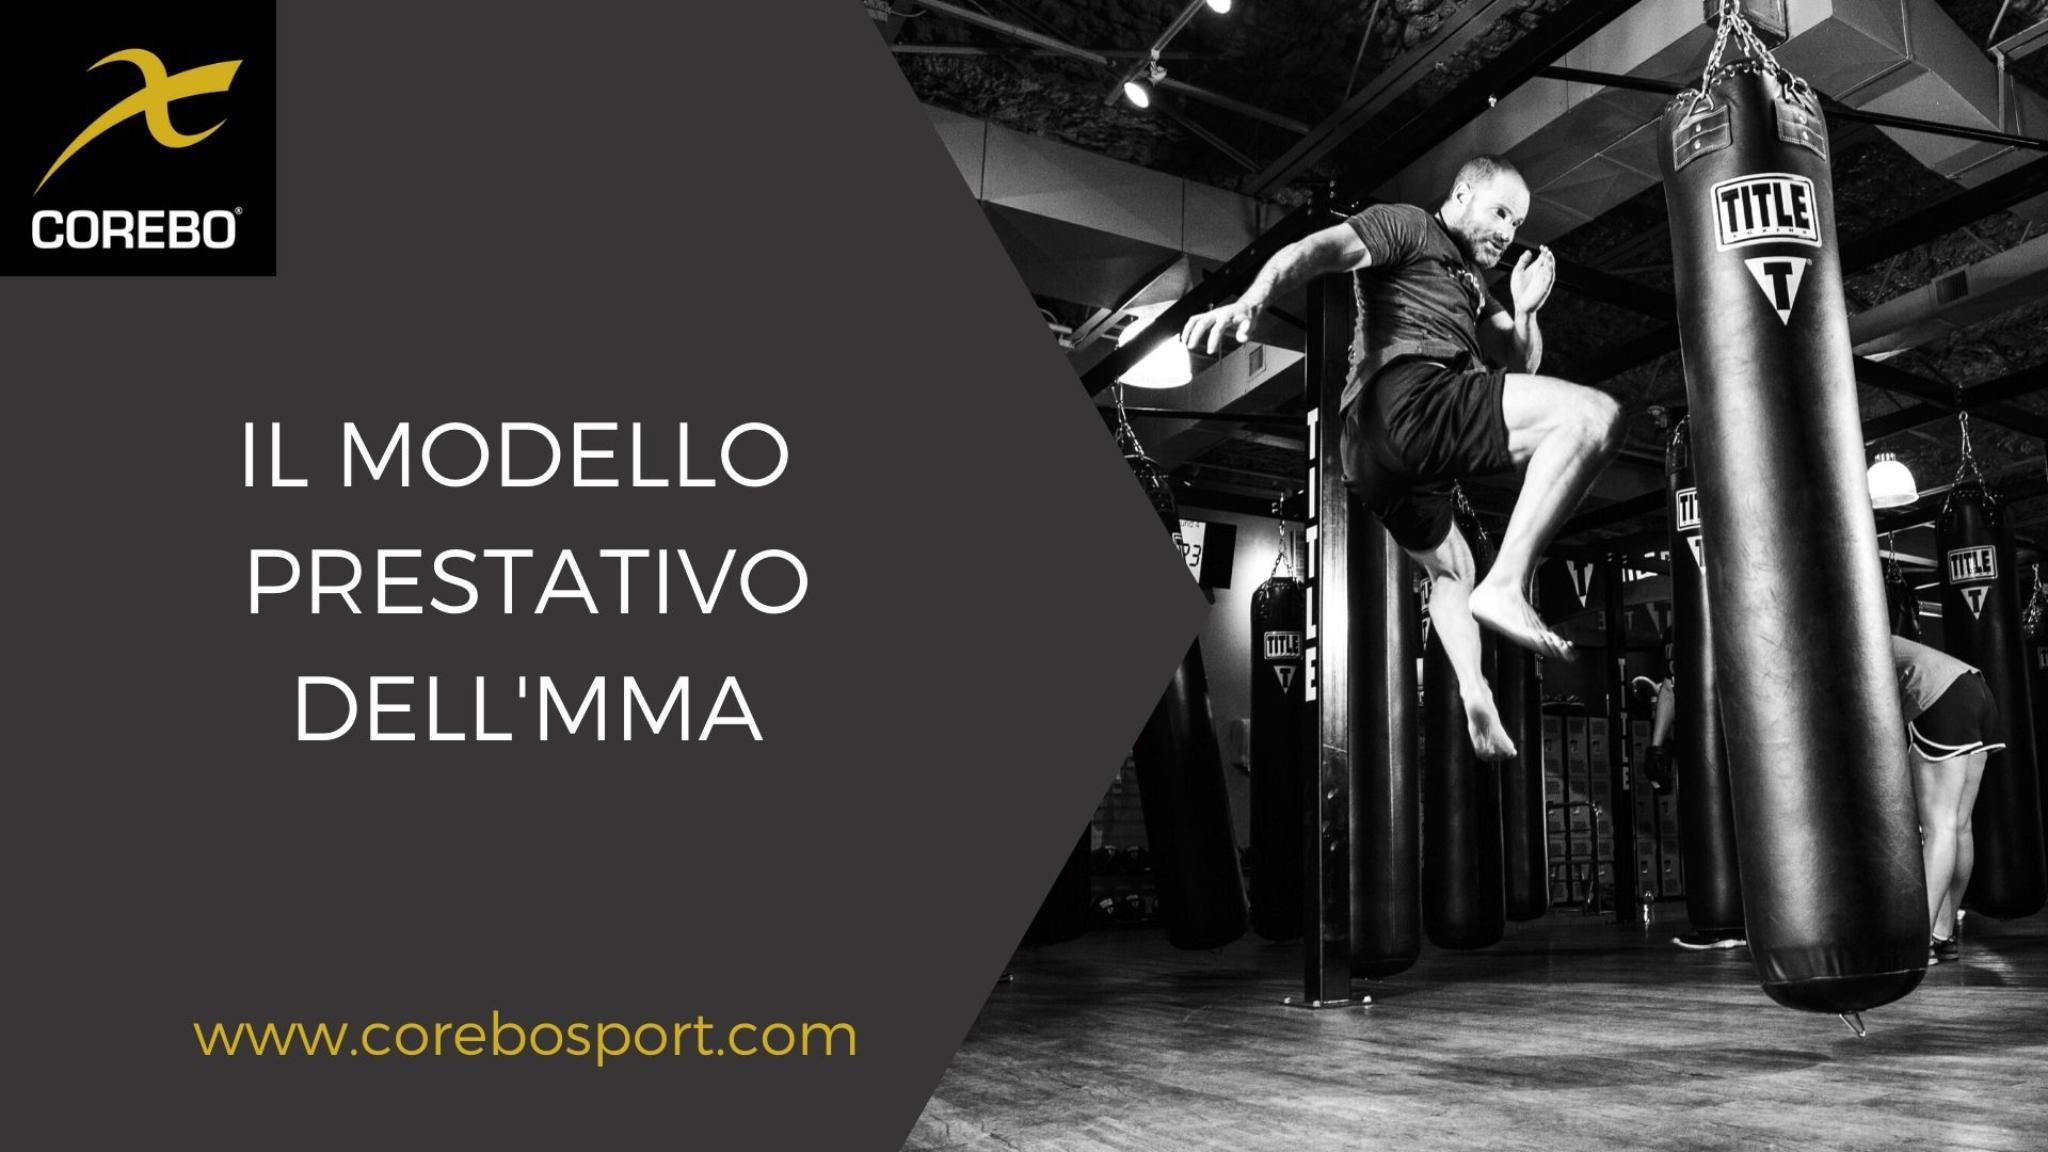 Il modello prestativo dell'MMA